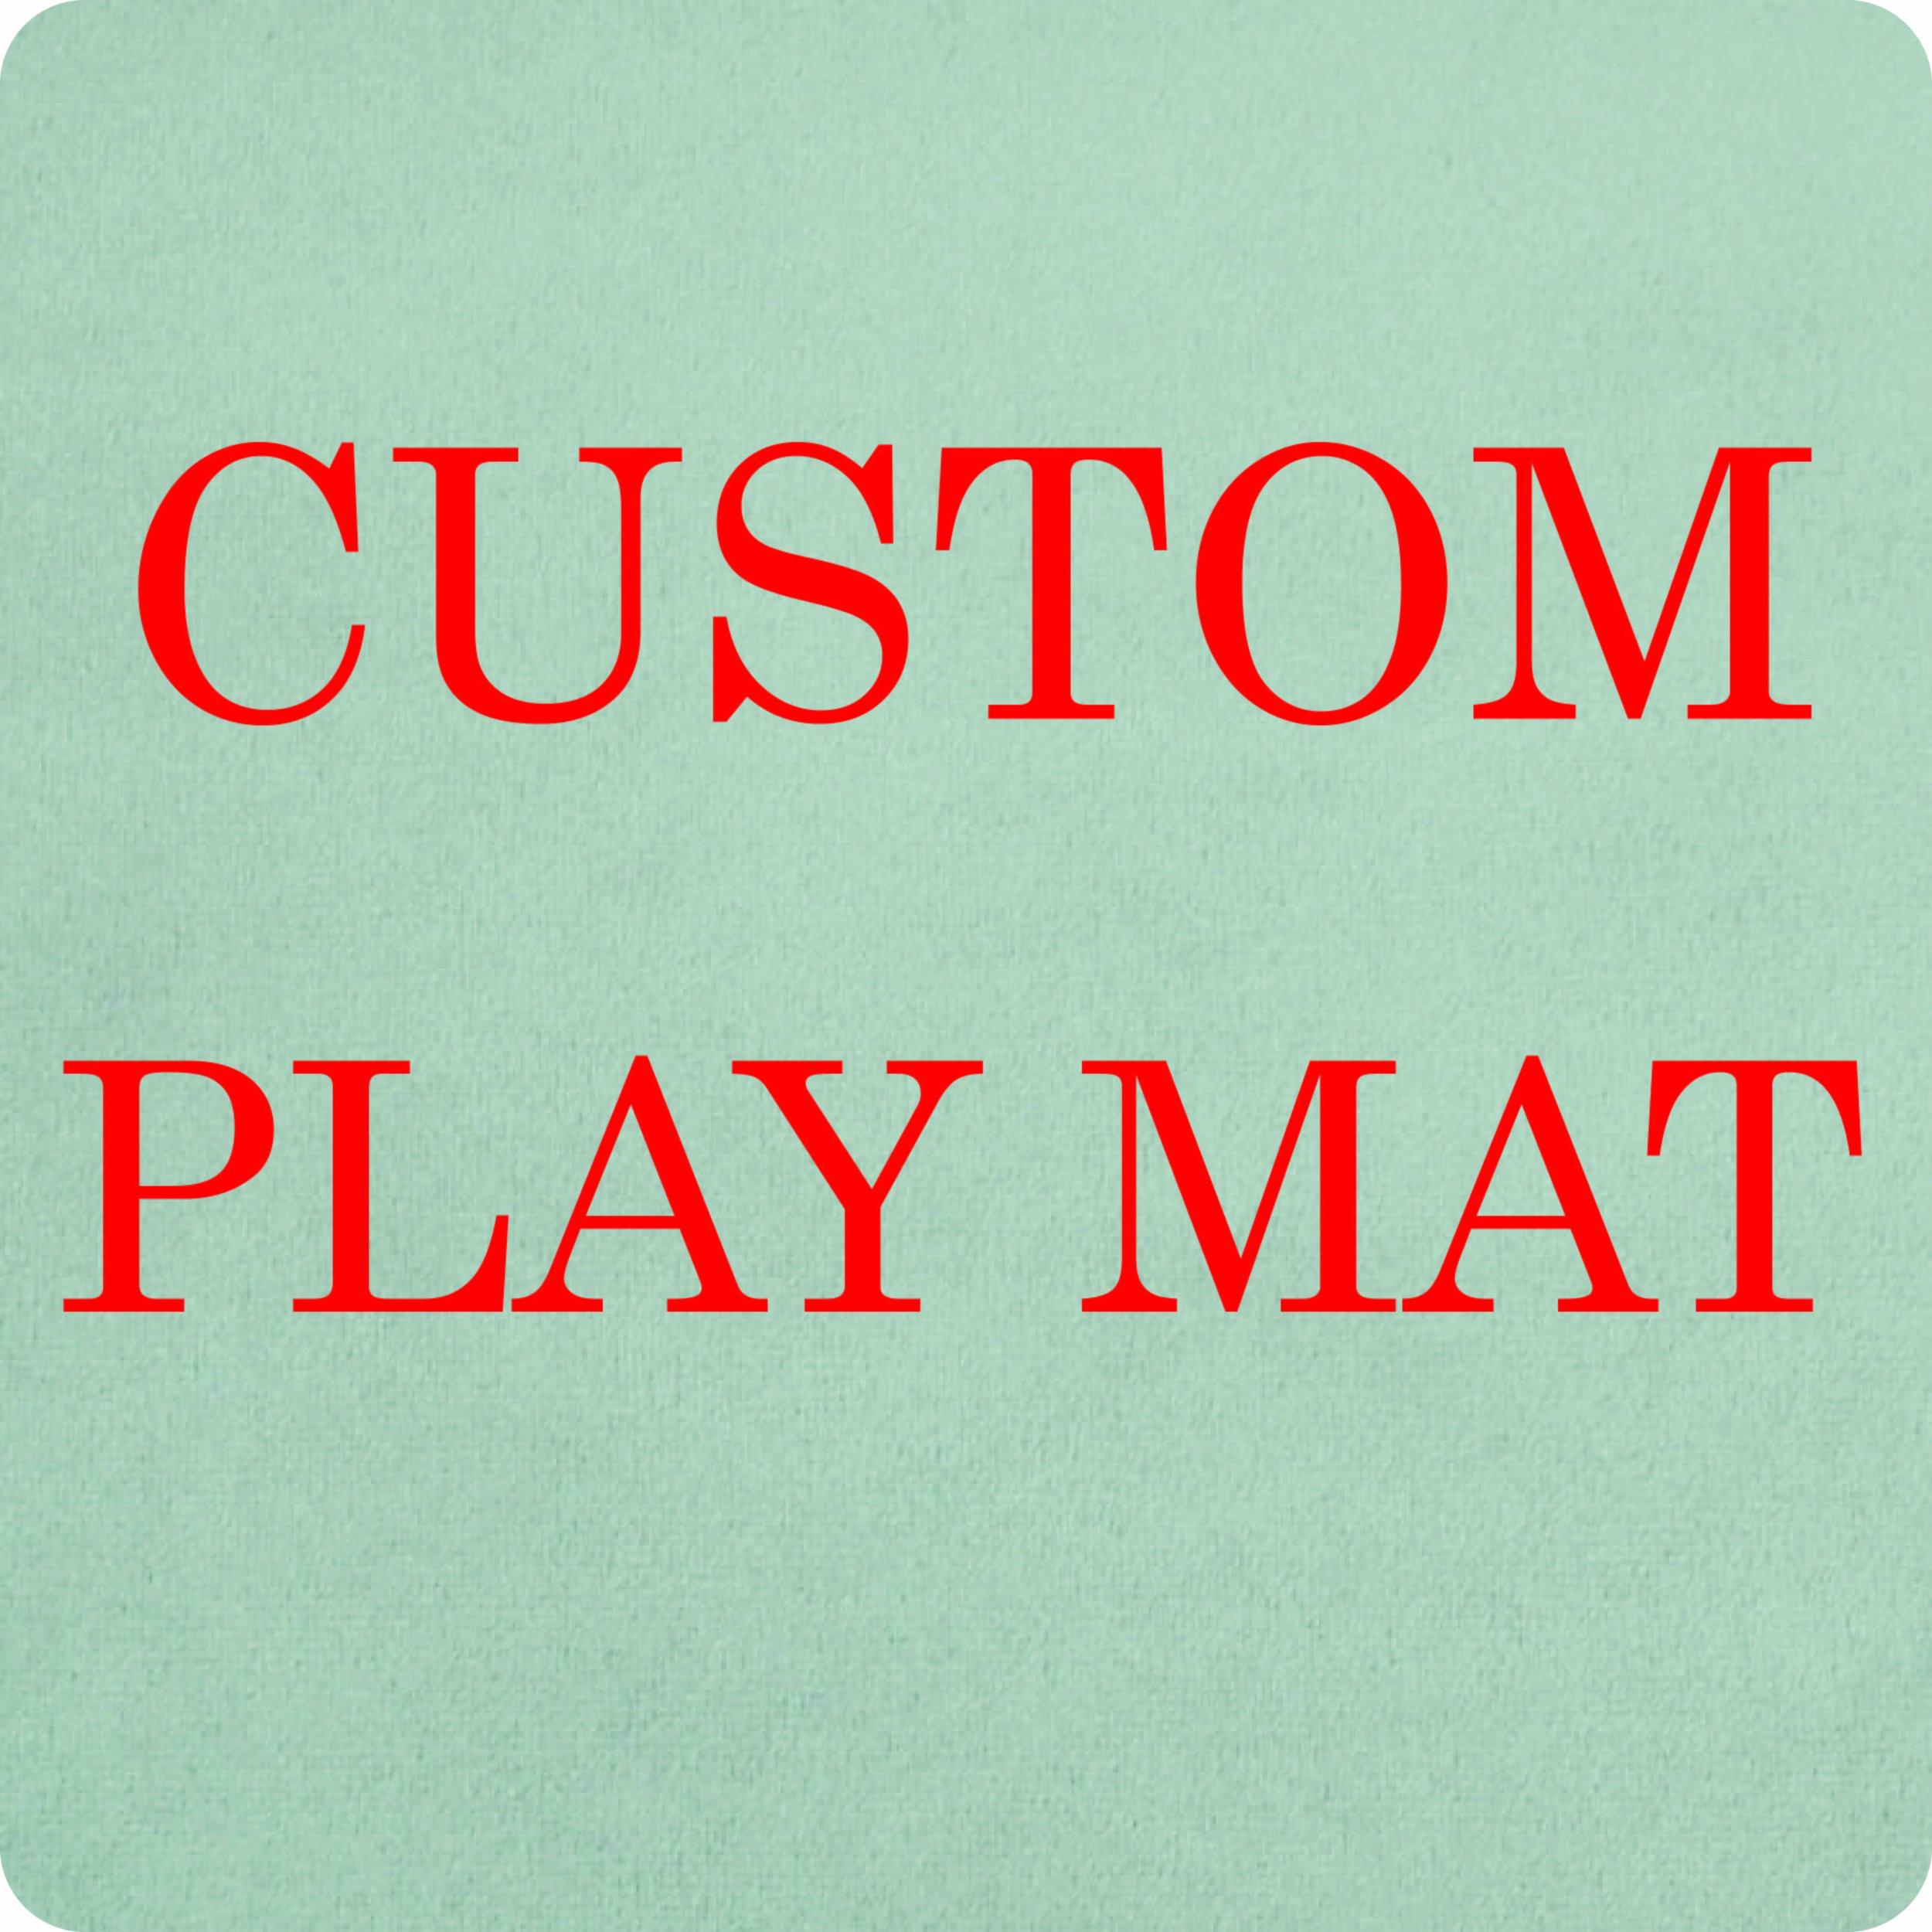 CUSTOM PLAY MAT -